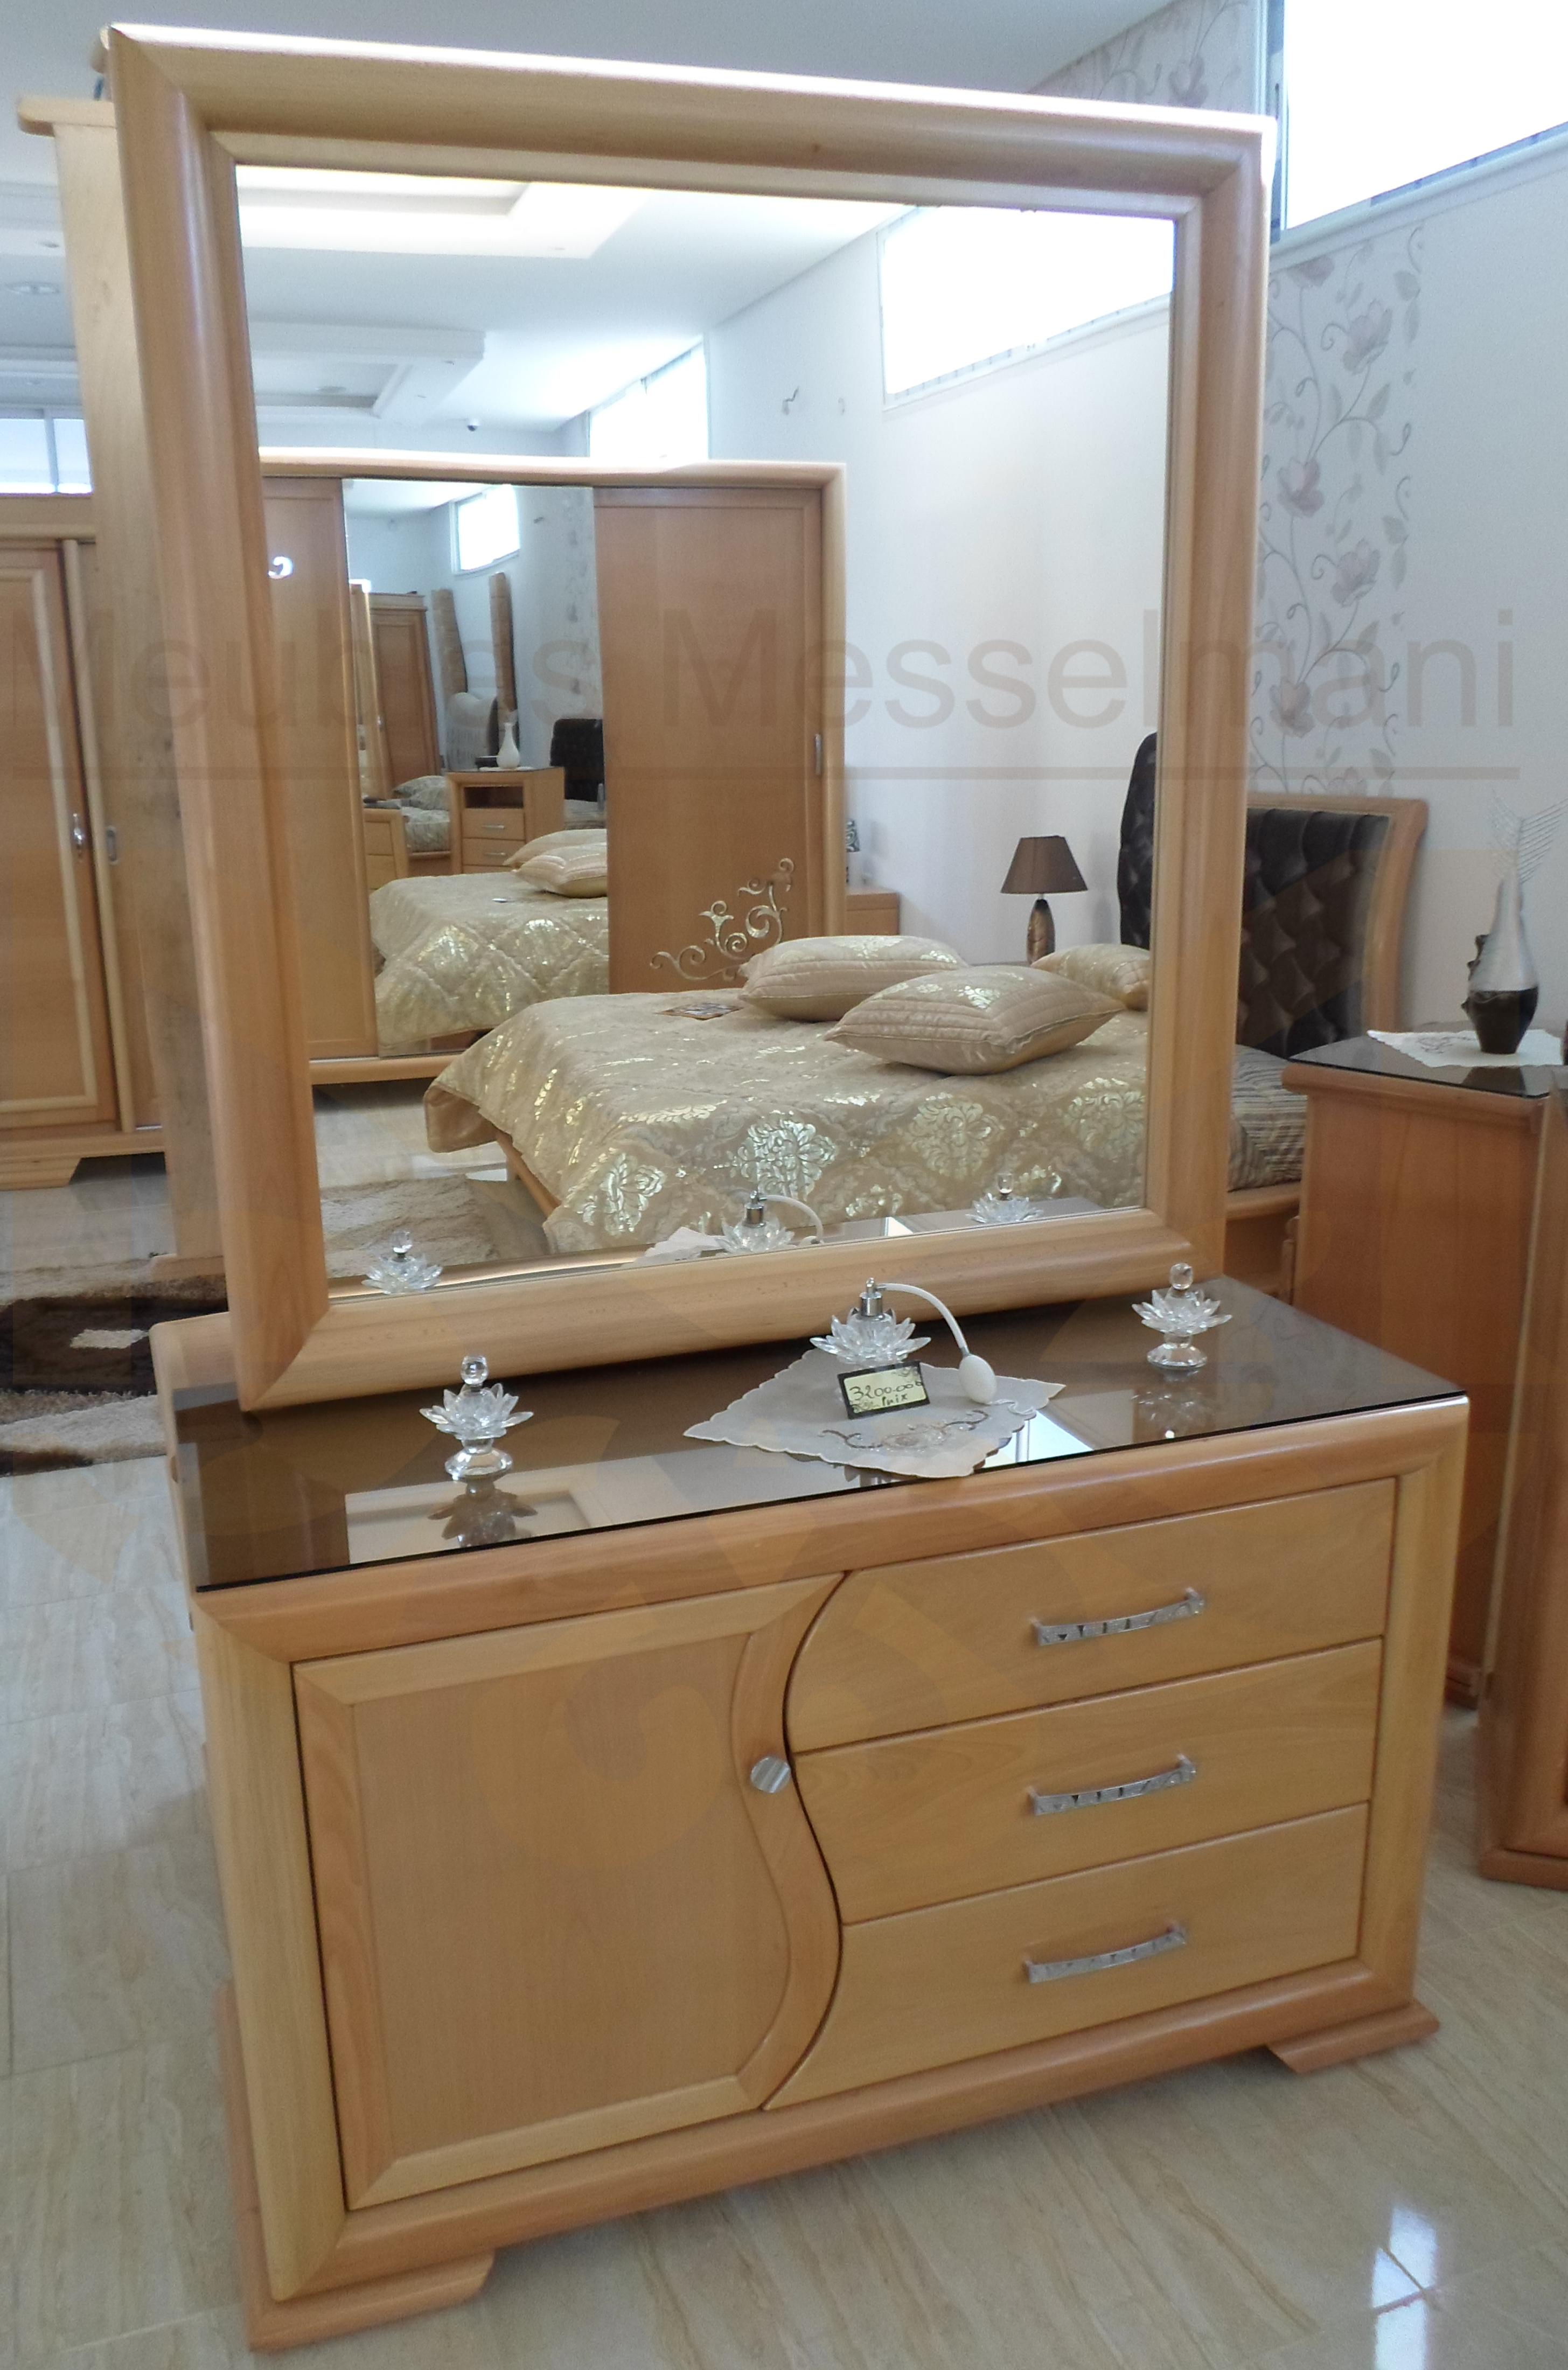 100 meuble moderne kelibia meuble tv sur mesure for Salle a manger kelibia